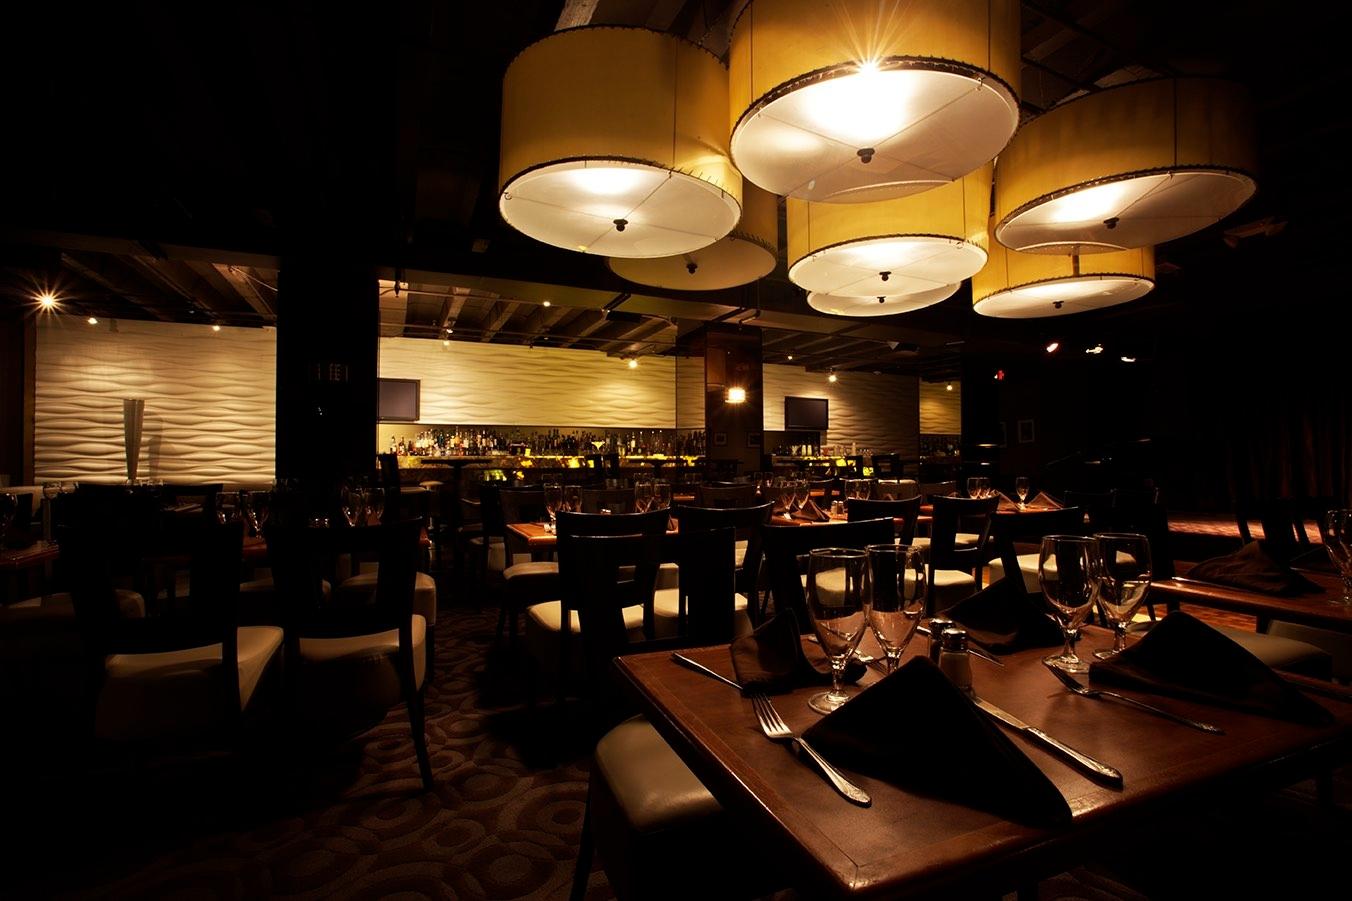 Venezia Pizza Cafe Miami Beach